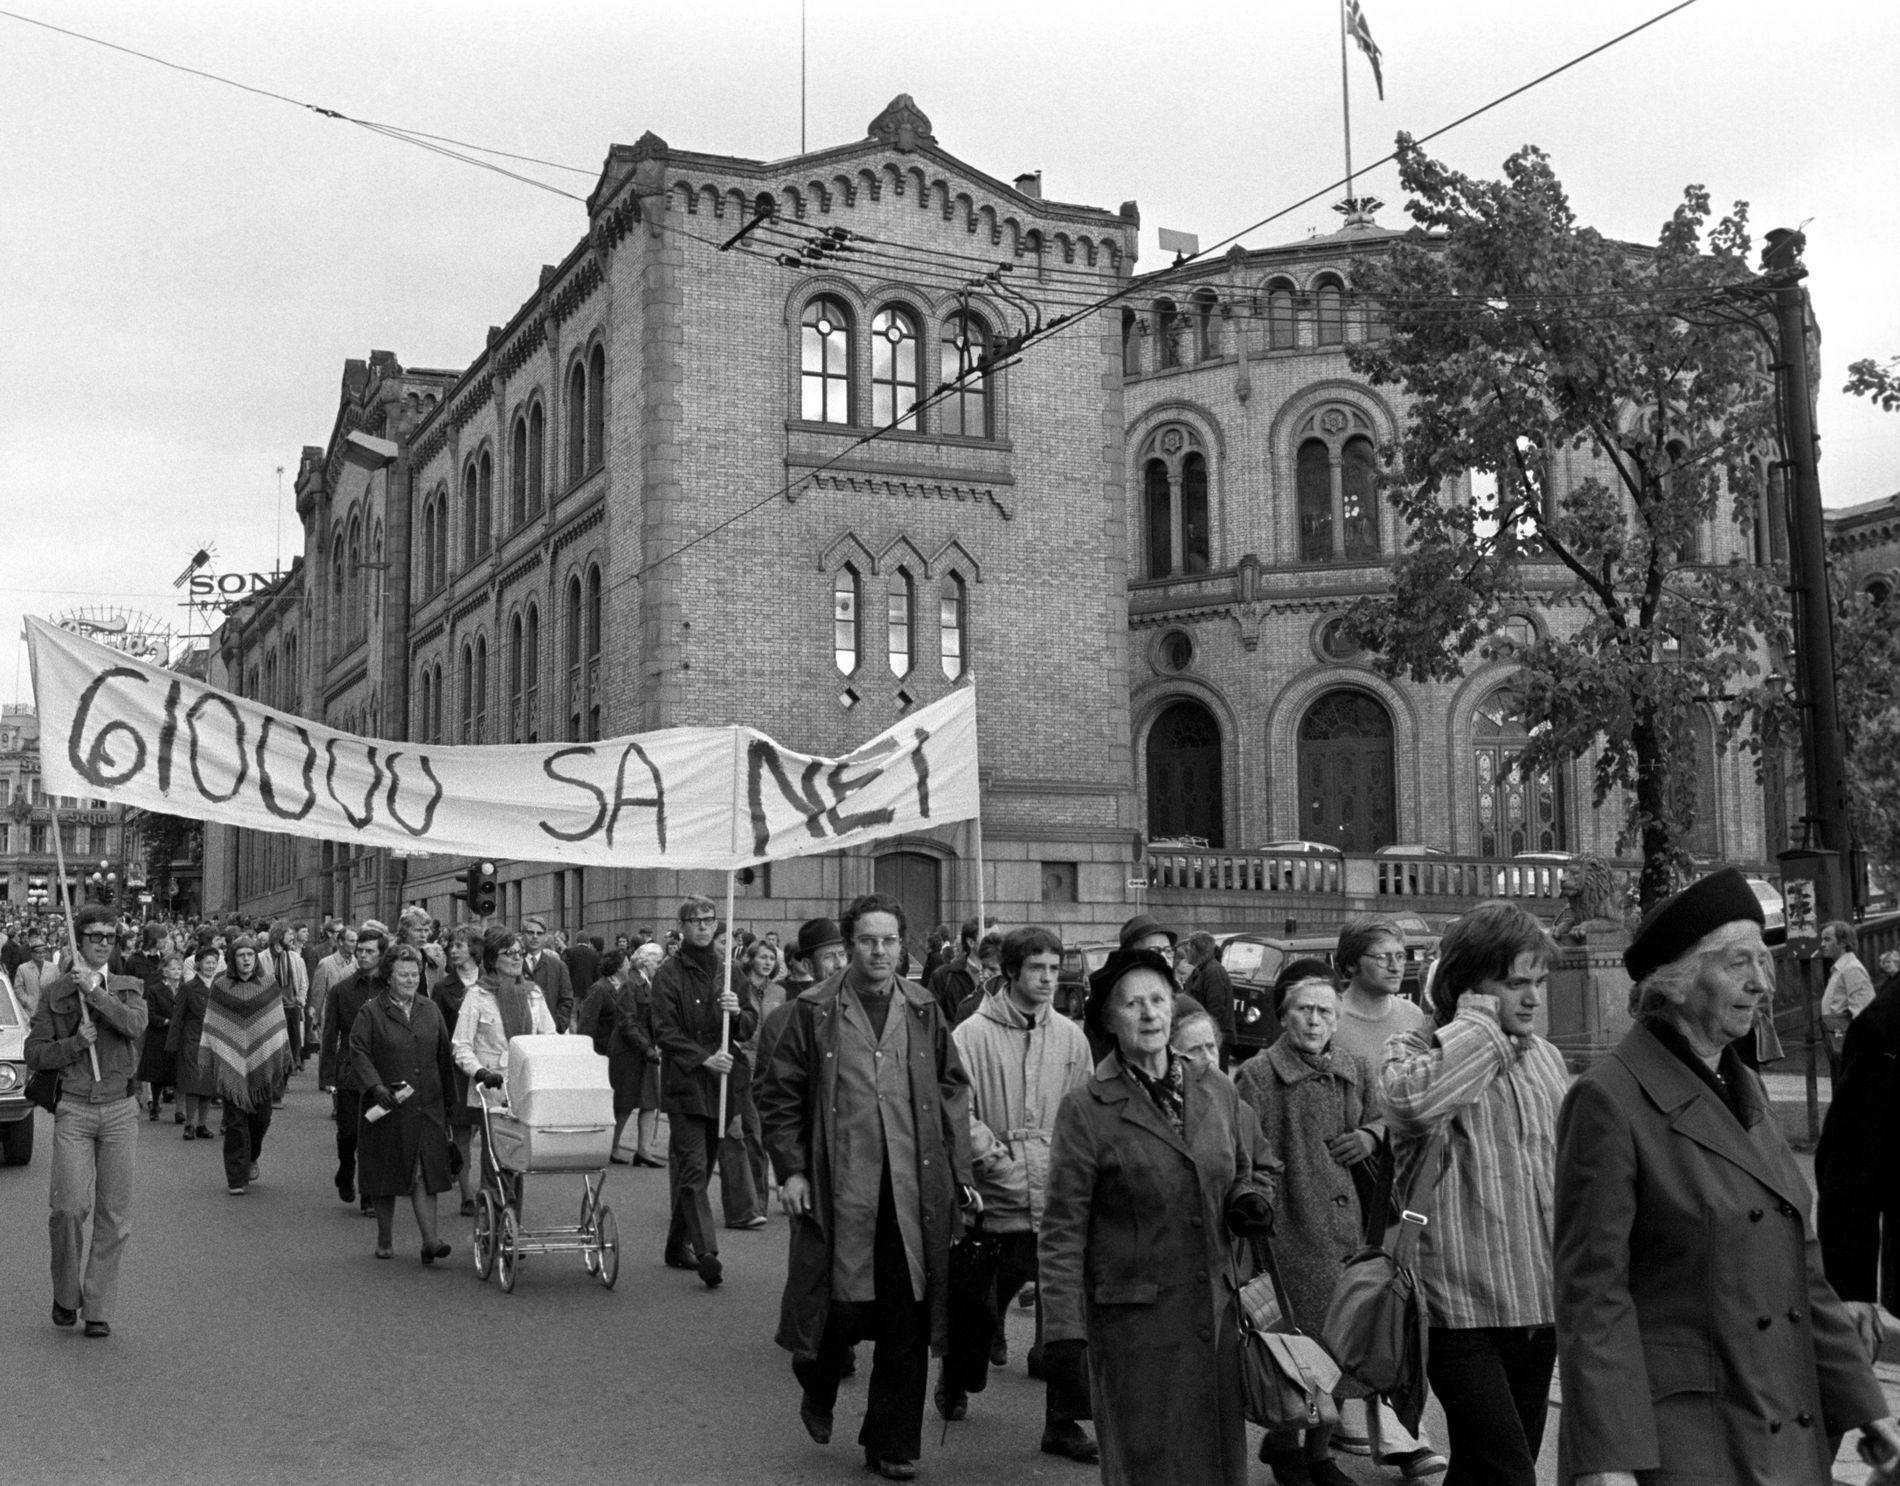 NEI TIL ABORT:  Motstanderne av selvbestemt abort demonstrerte utenfor Stortinget i 1975.  På plakaten står det «610 000 sa nei», og henviser til en underskriftskampanje.